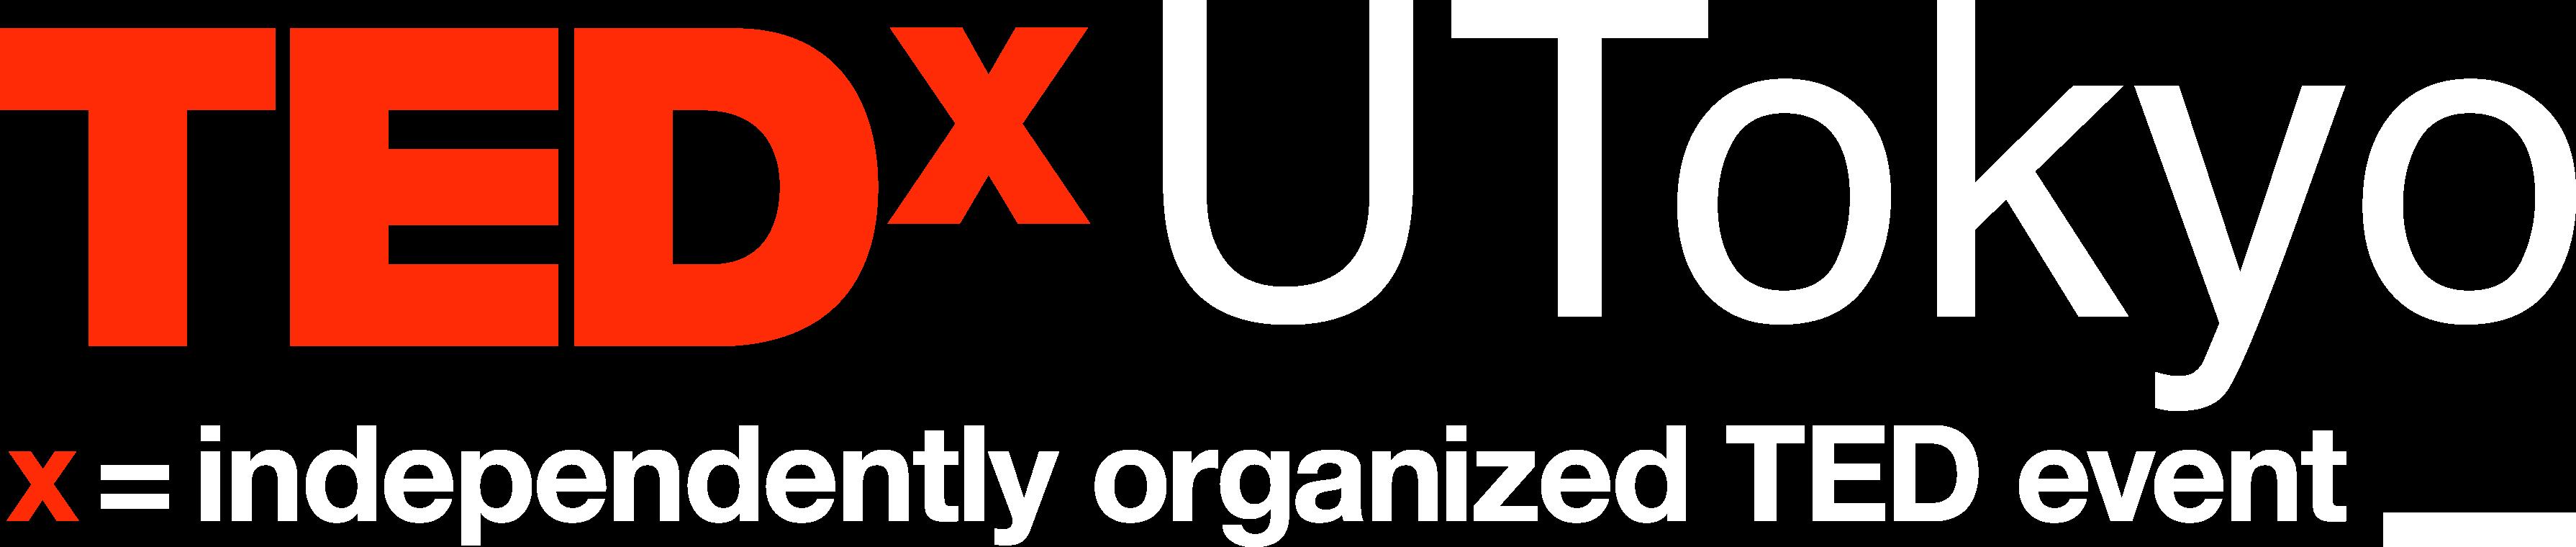 ウェブルのロゴ画像